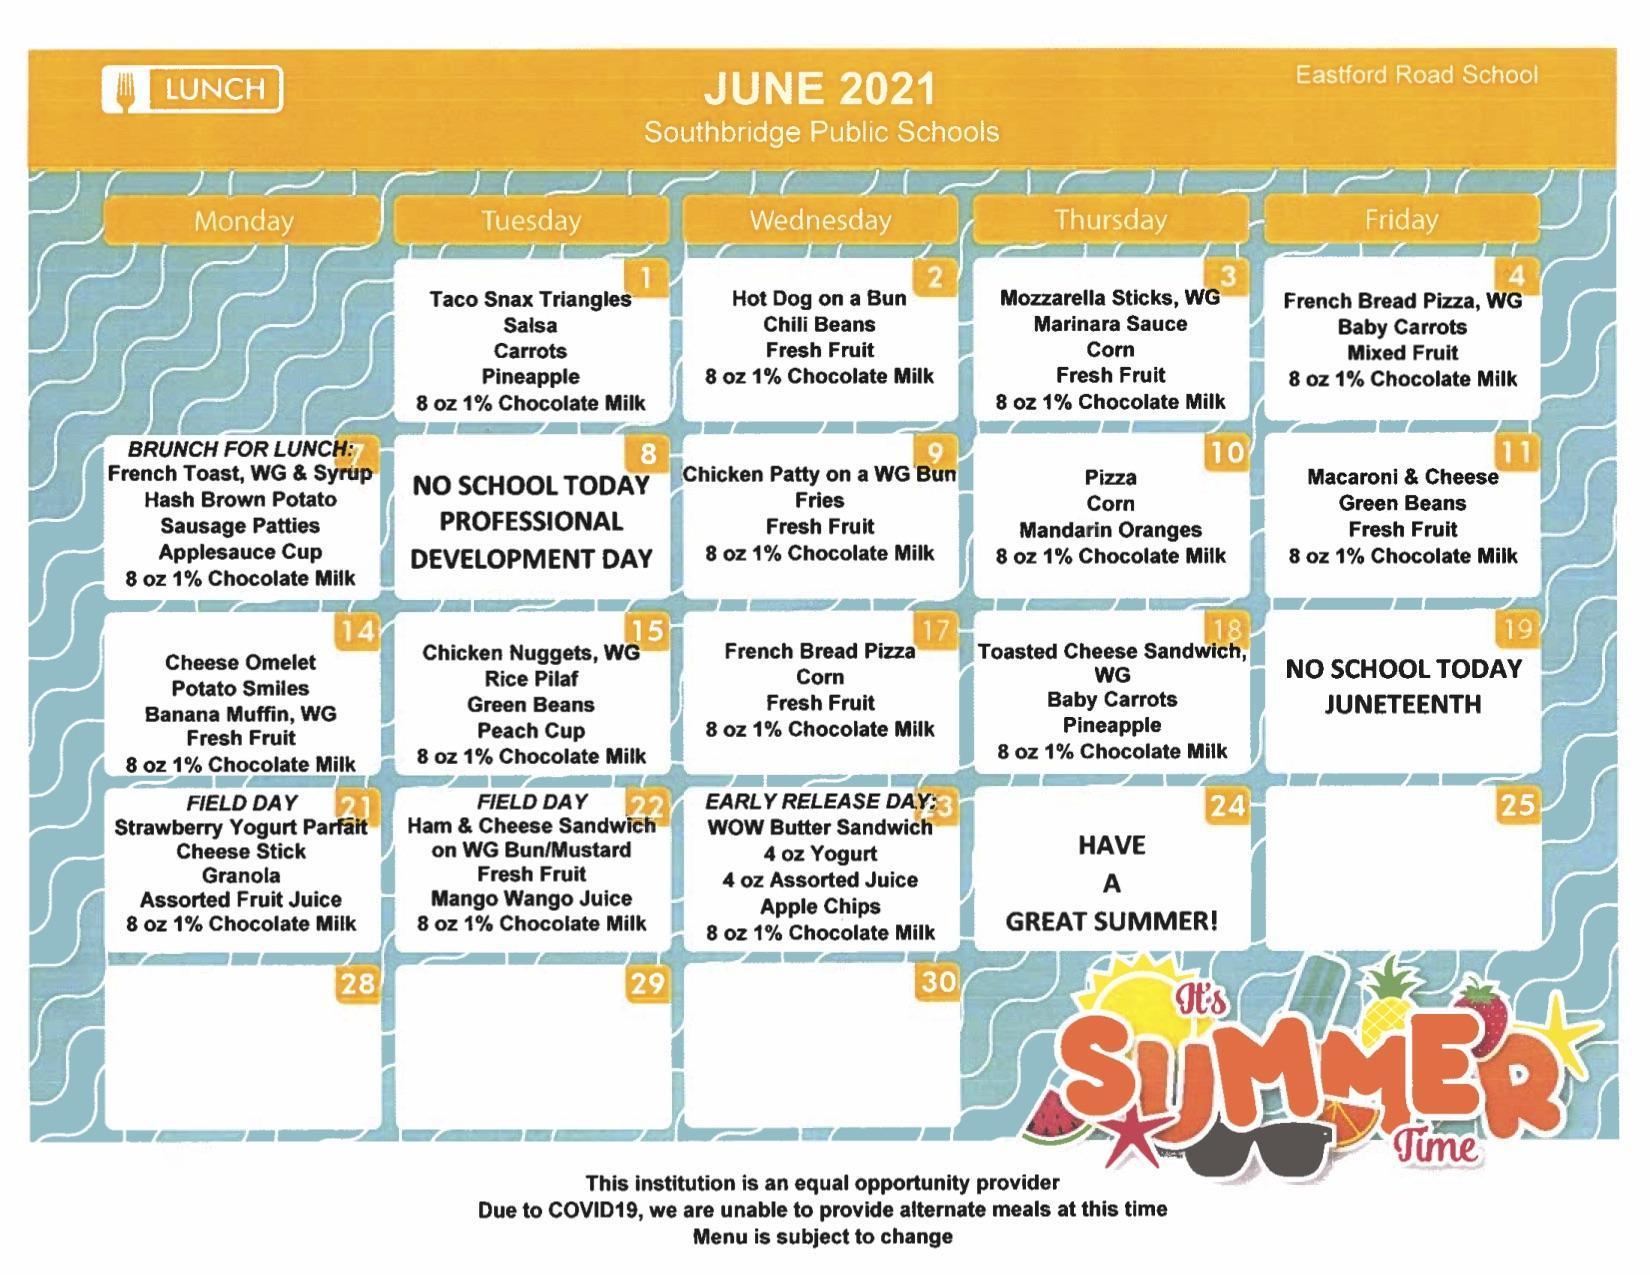 Eastford Road School Lunch Menus - June 2021